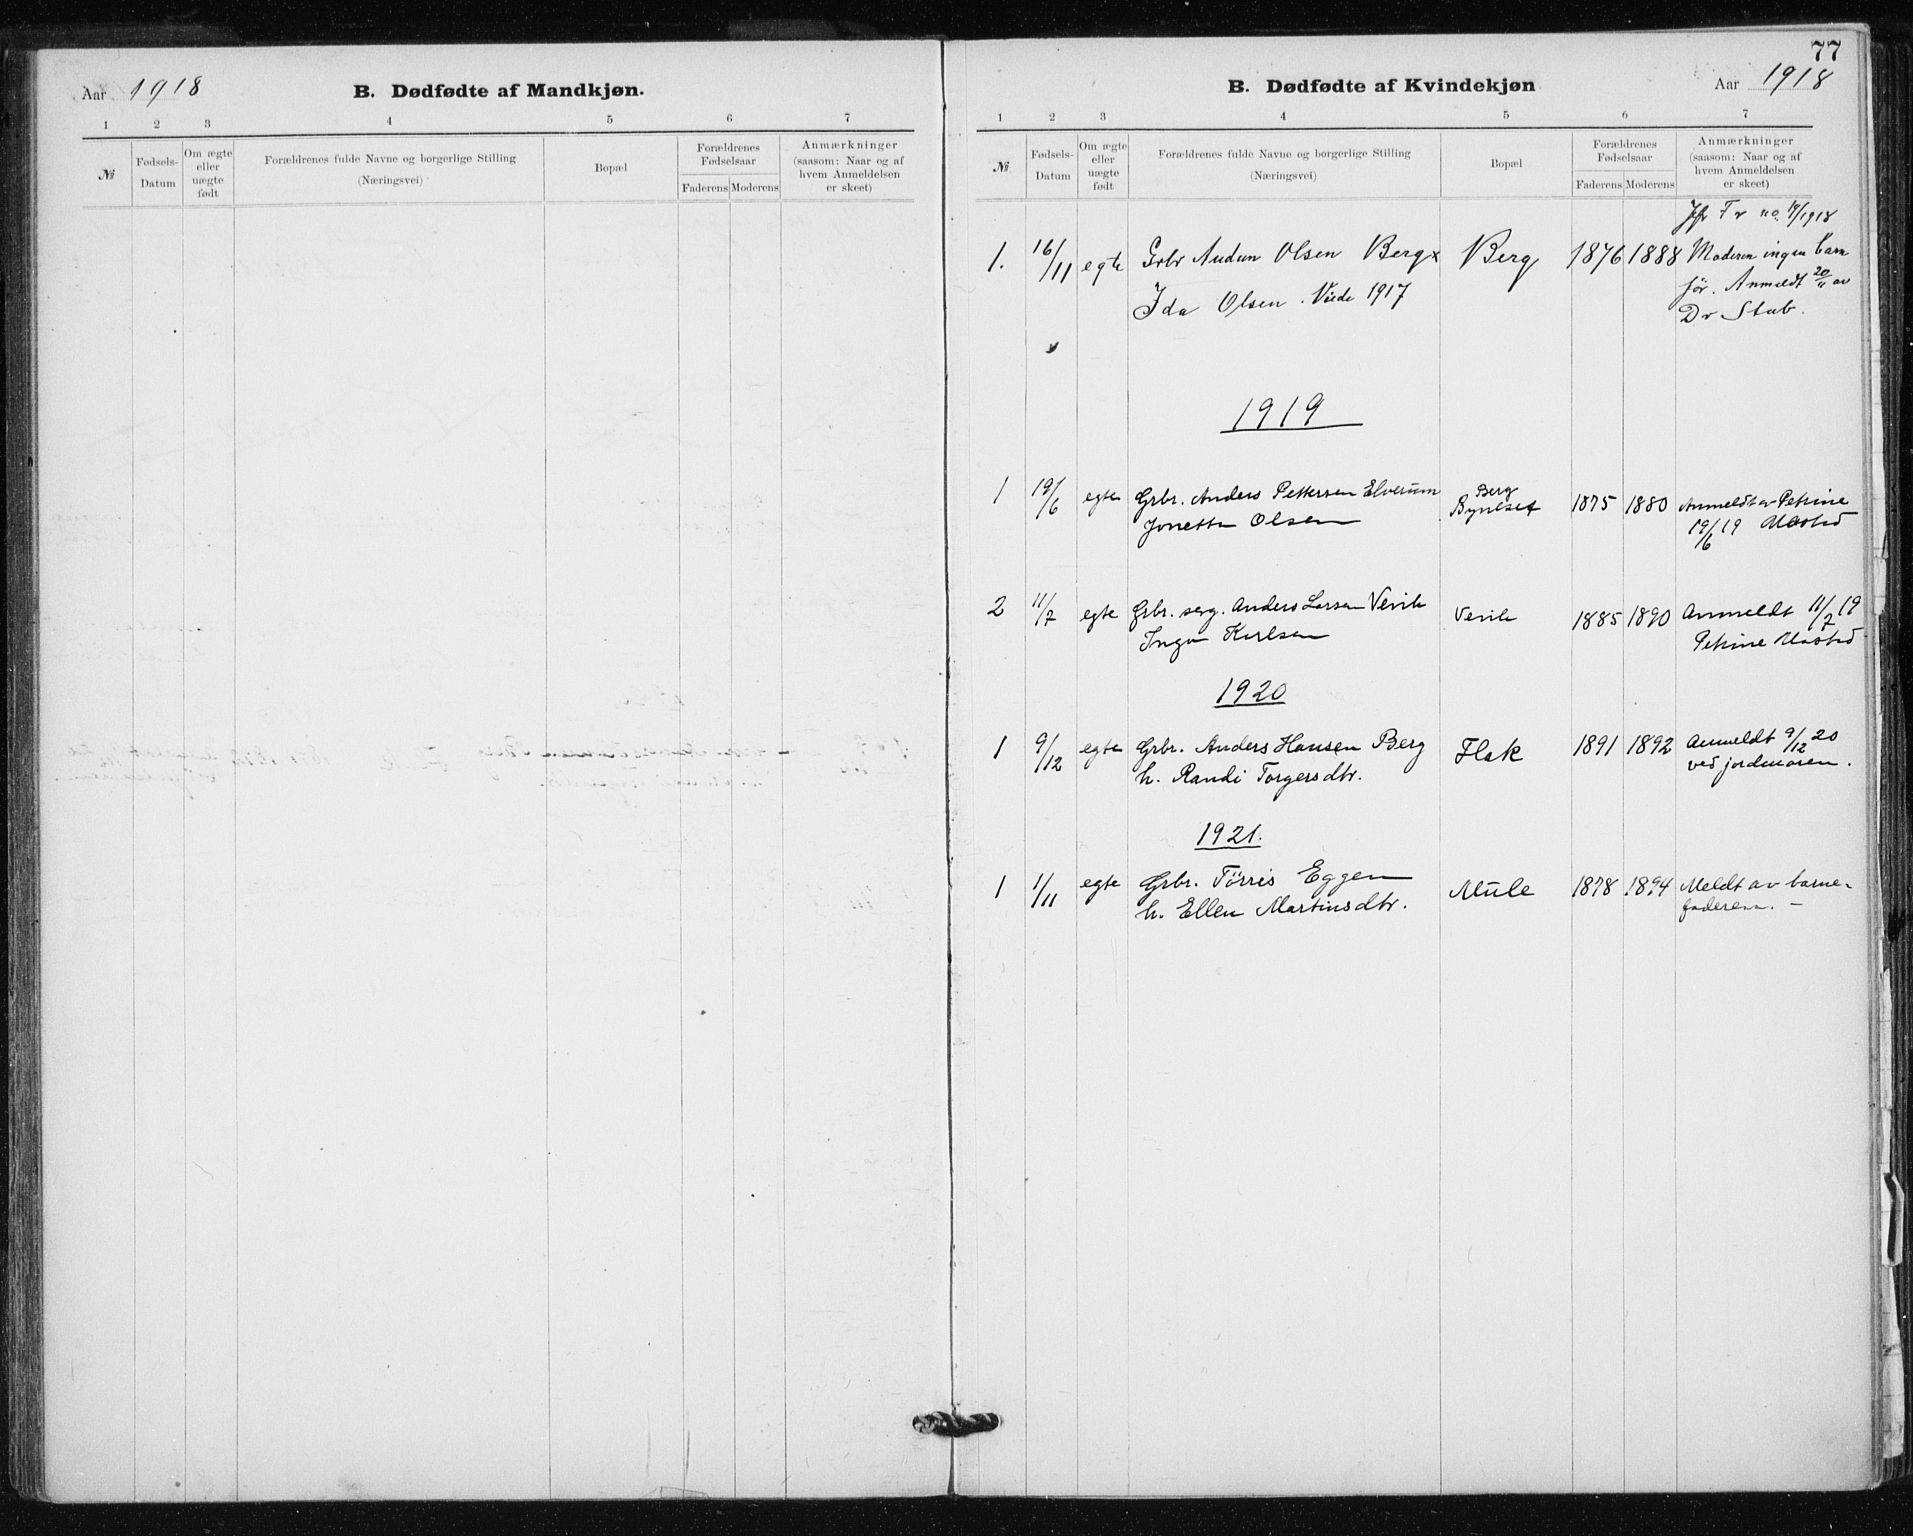 SAT, Ministerialprotokoller, klokkerbøker og fødselsregistre - Sør-Trøndelag, 612/L0381: Ministerialbok nr. 612A13, 1907-1923, s. 77